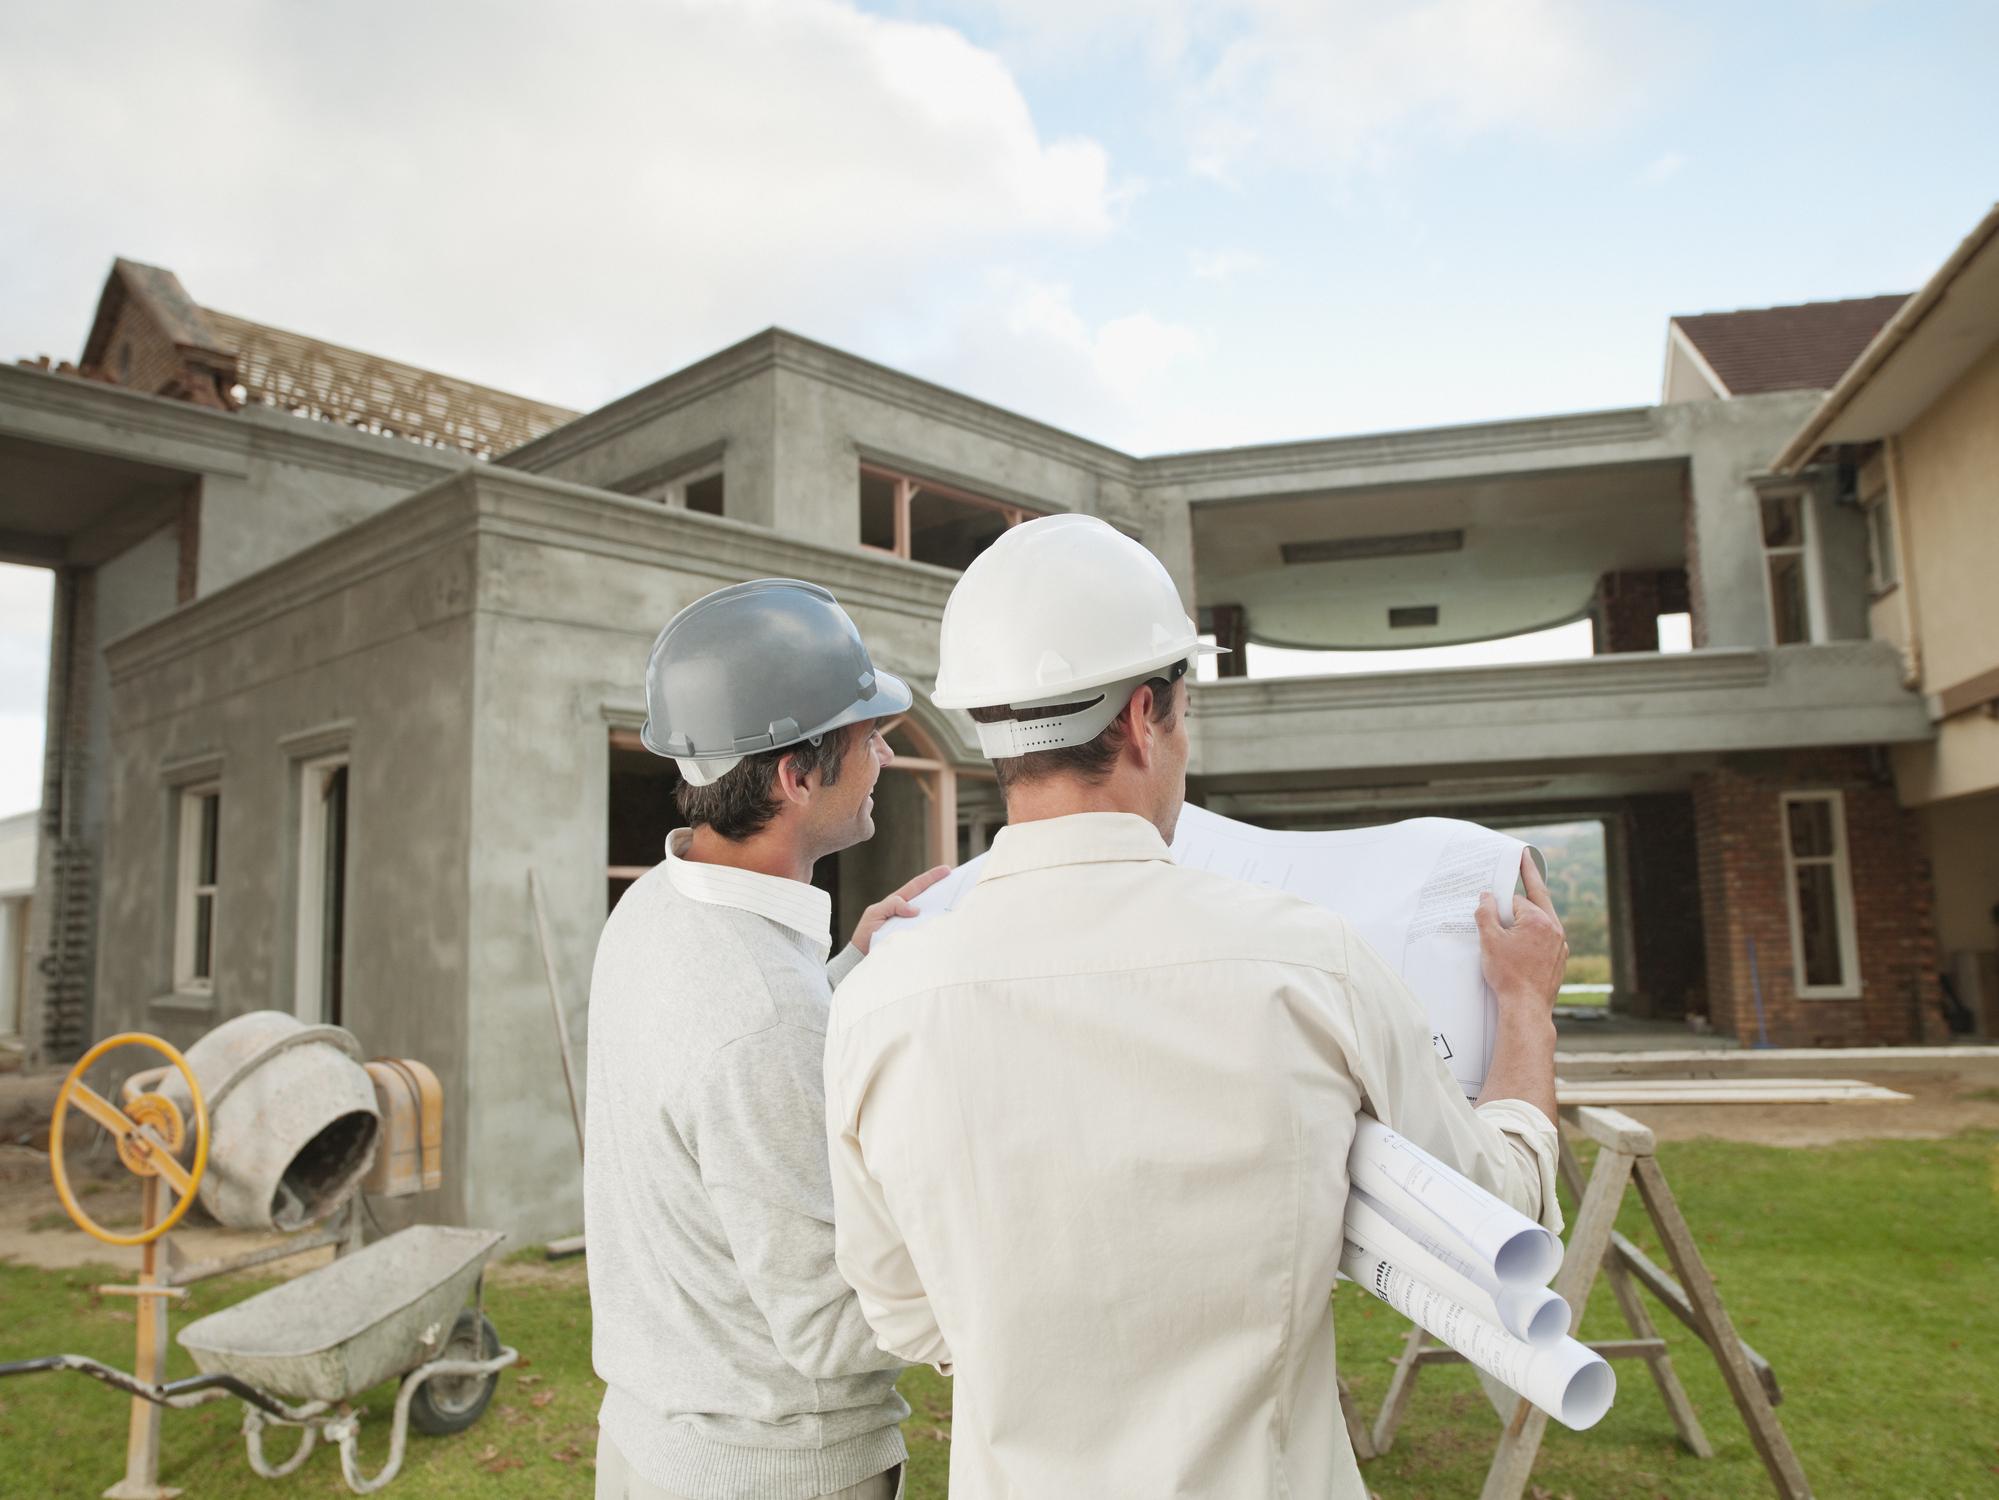 Engineers examine house blueprints